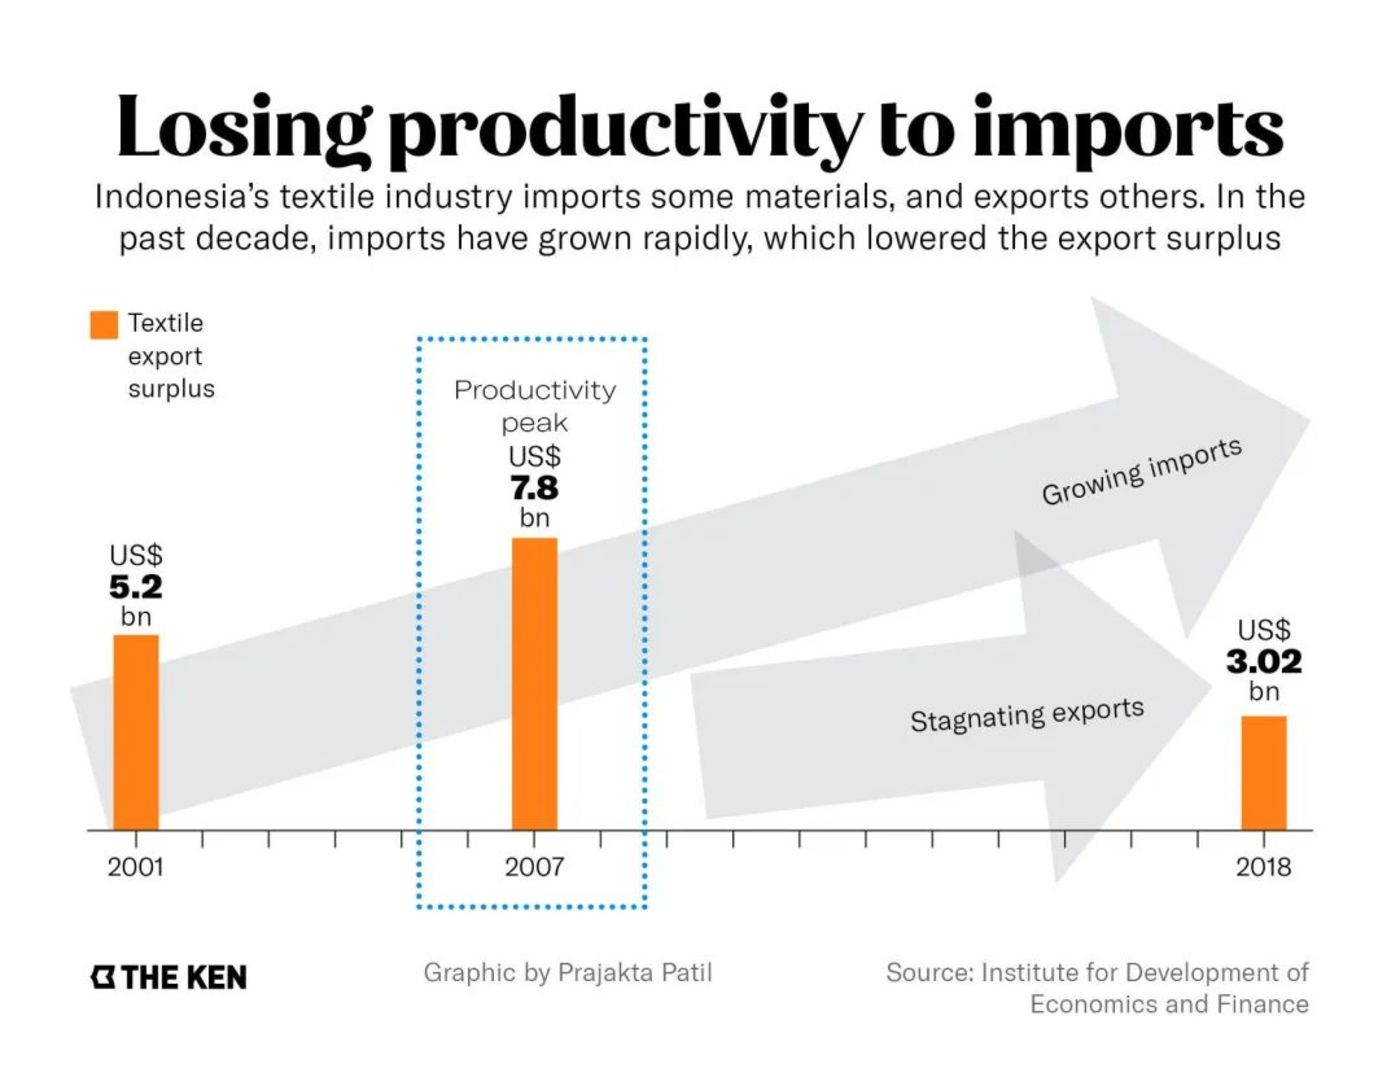 进口冲击下,印尼纺织业生产力下跌